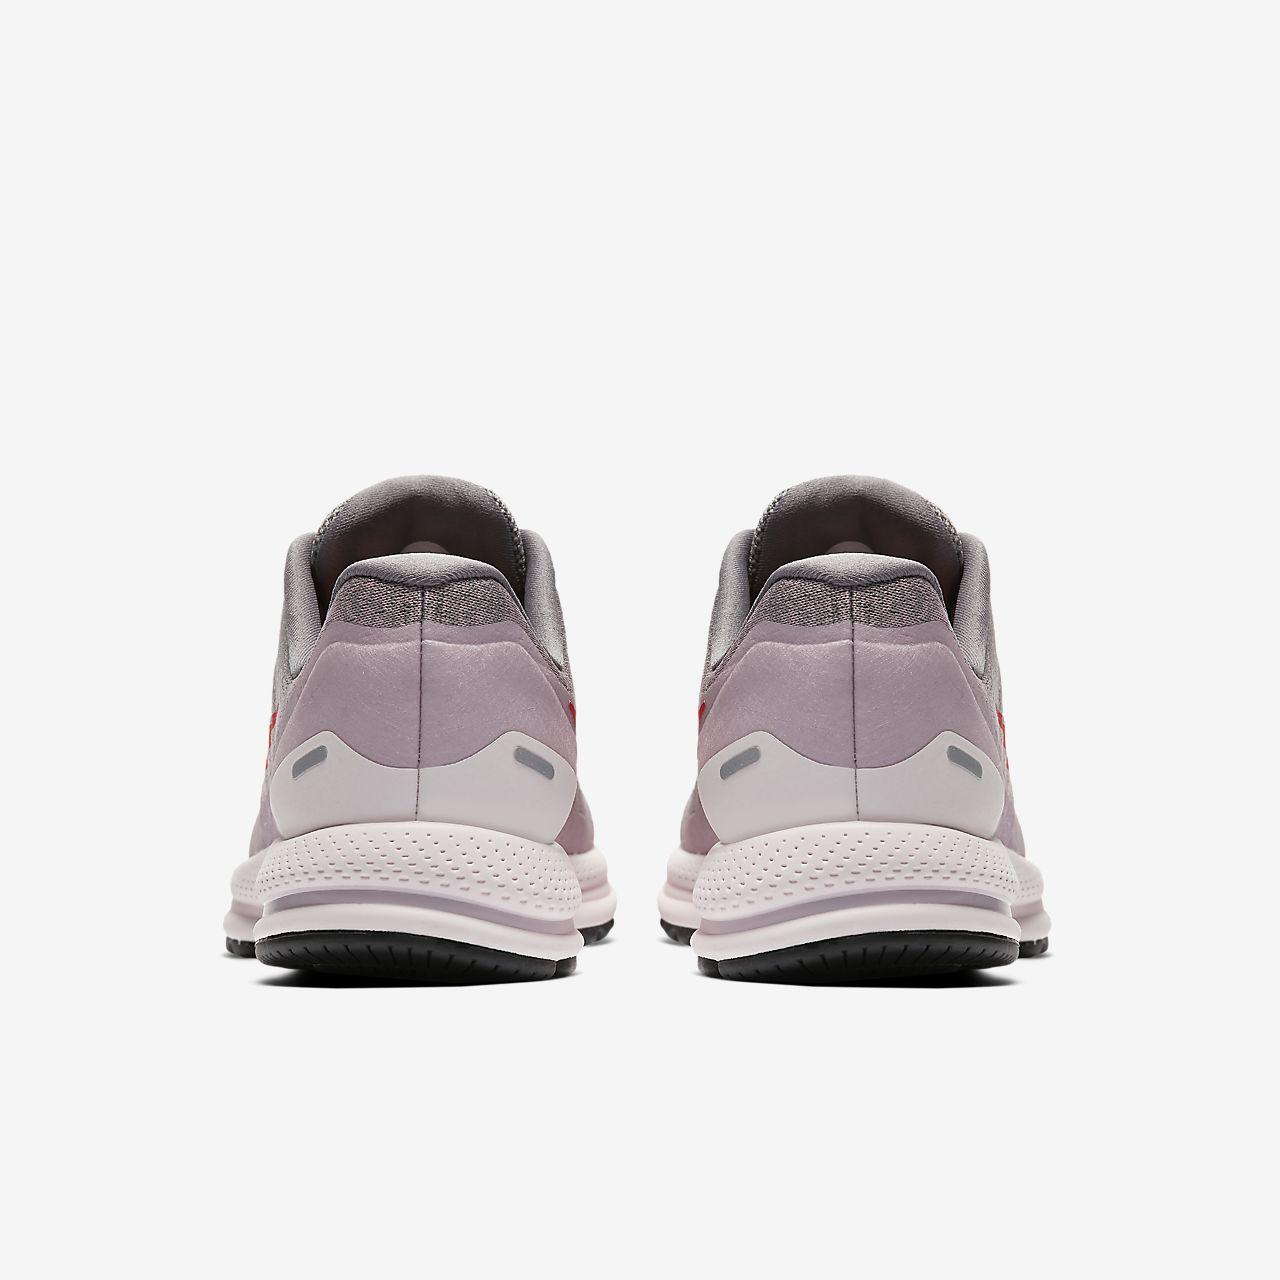 best service 5cdb4 3a0fe ... Löparsko Nike Air Zoom Vomero 13 för kvinnor